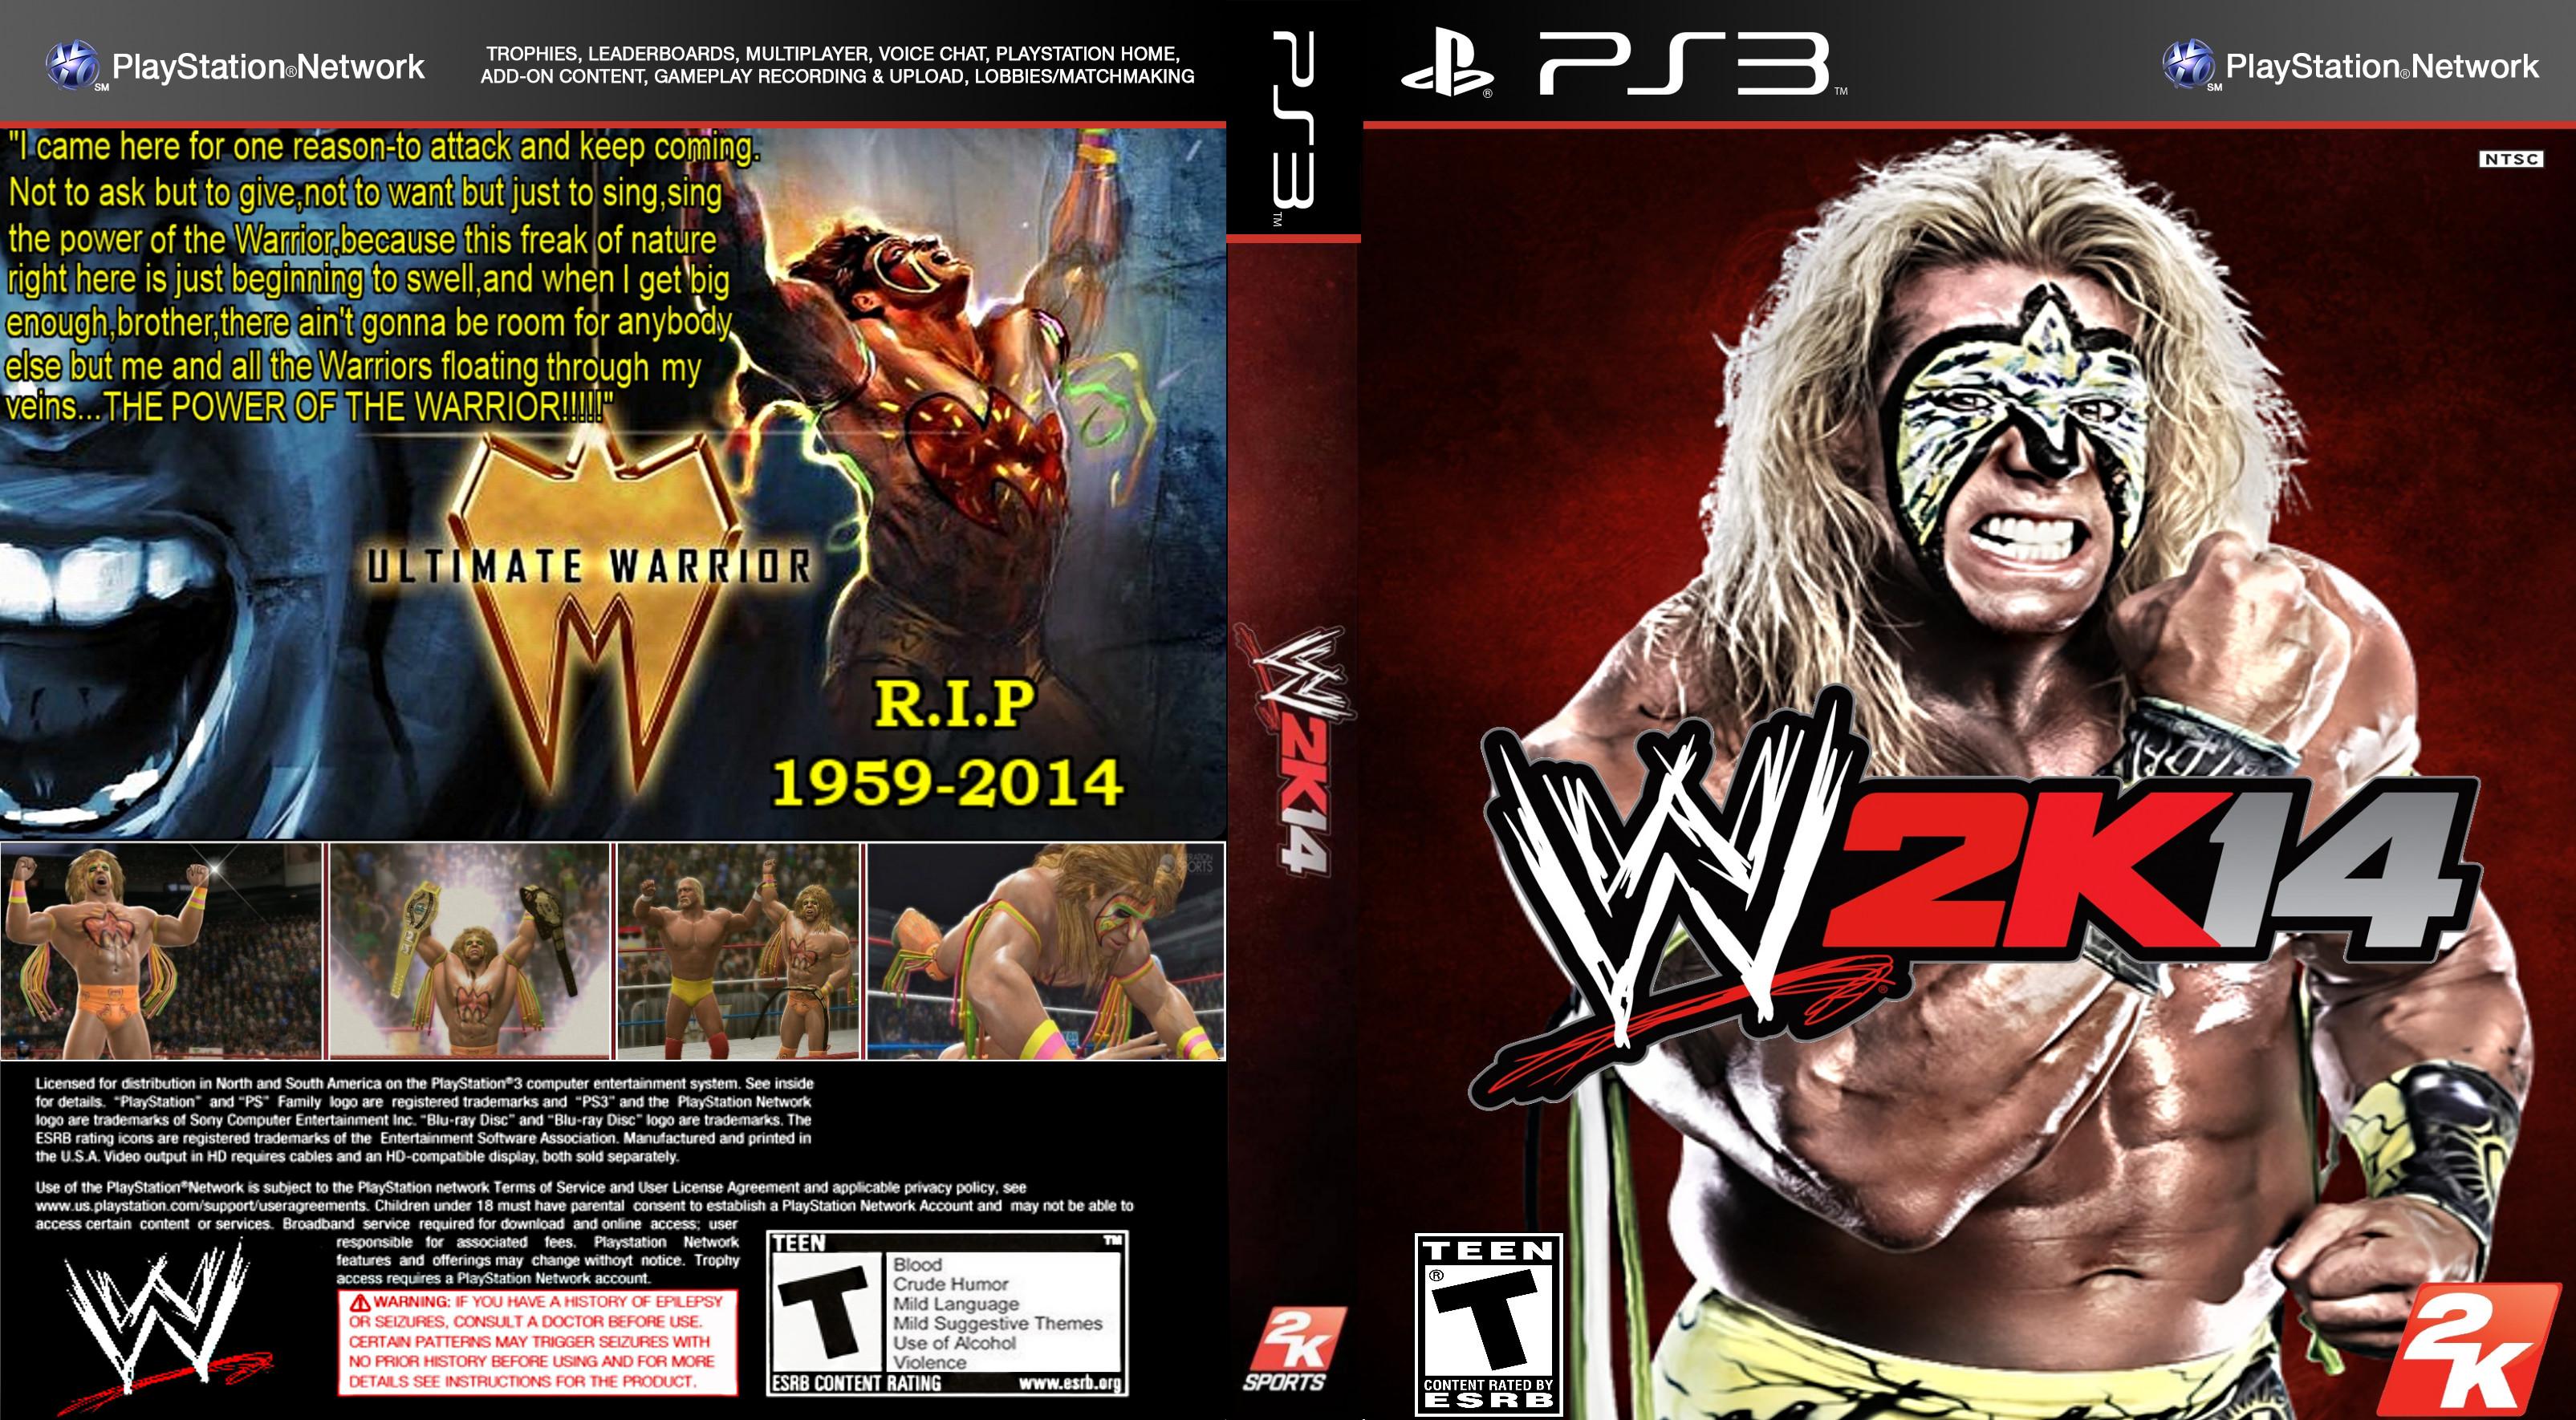 … EliteSaiyanWarrior Ultimate Warrior Wwe2k14 Tribute Cover(PS3) by  EliteSaiyanWarrior